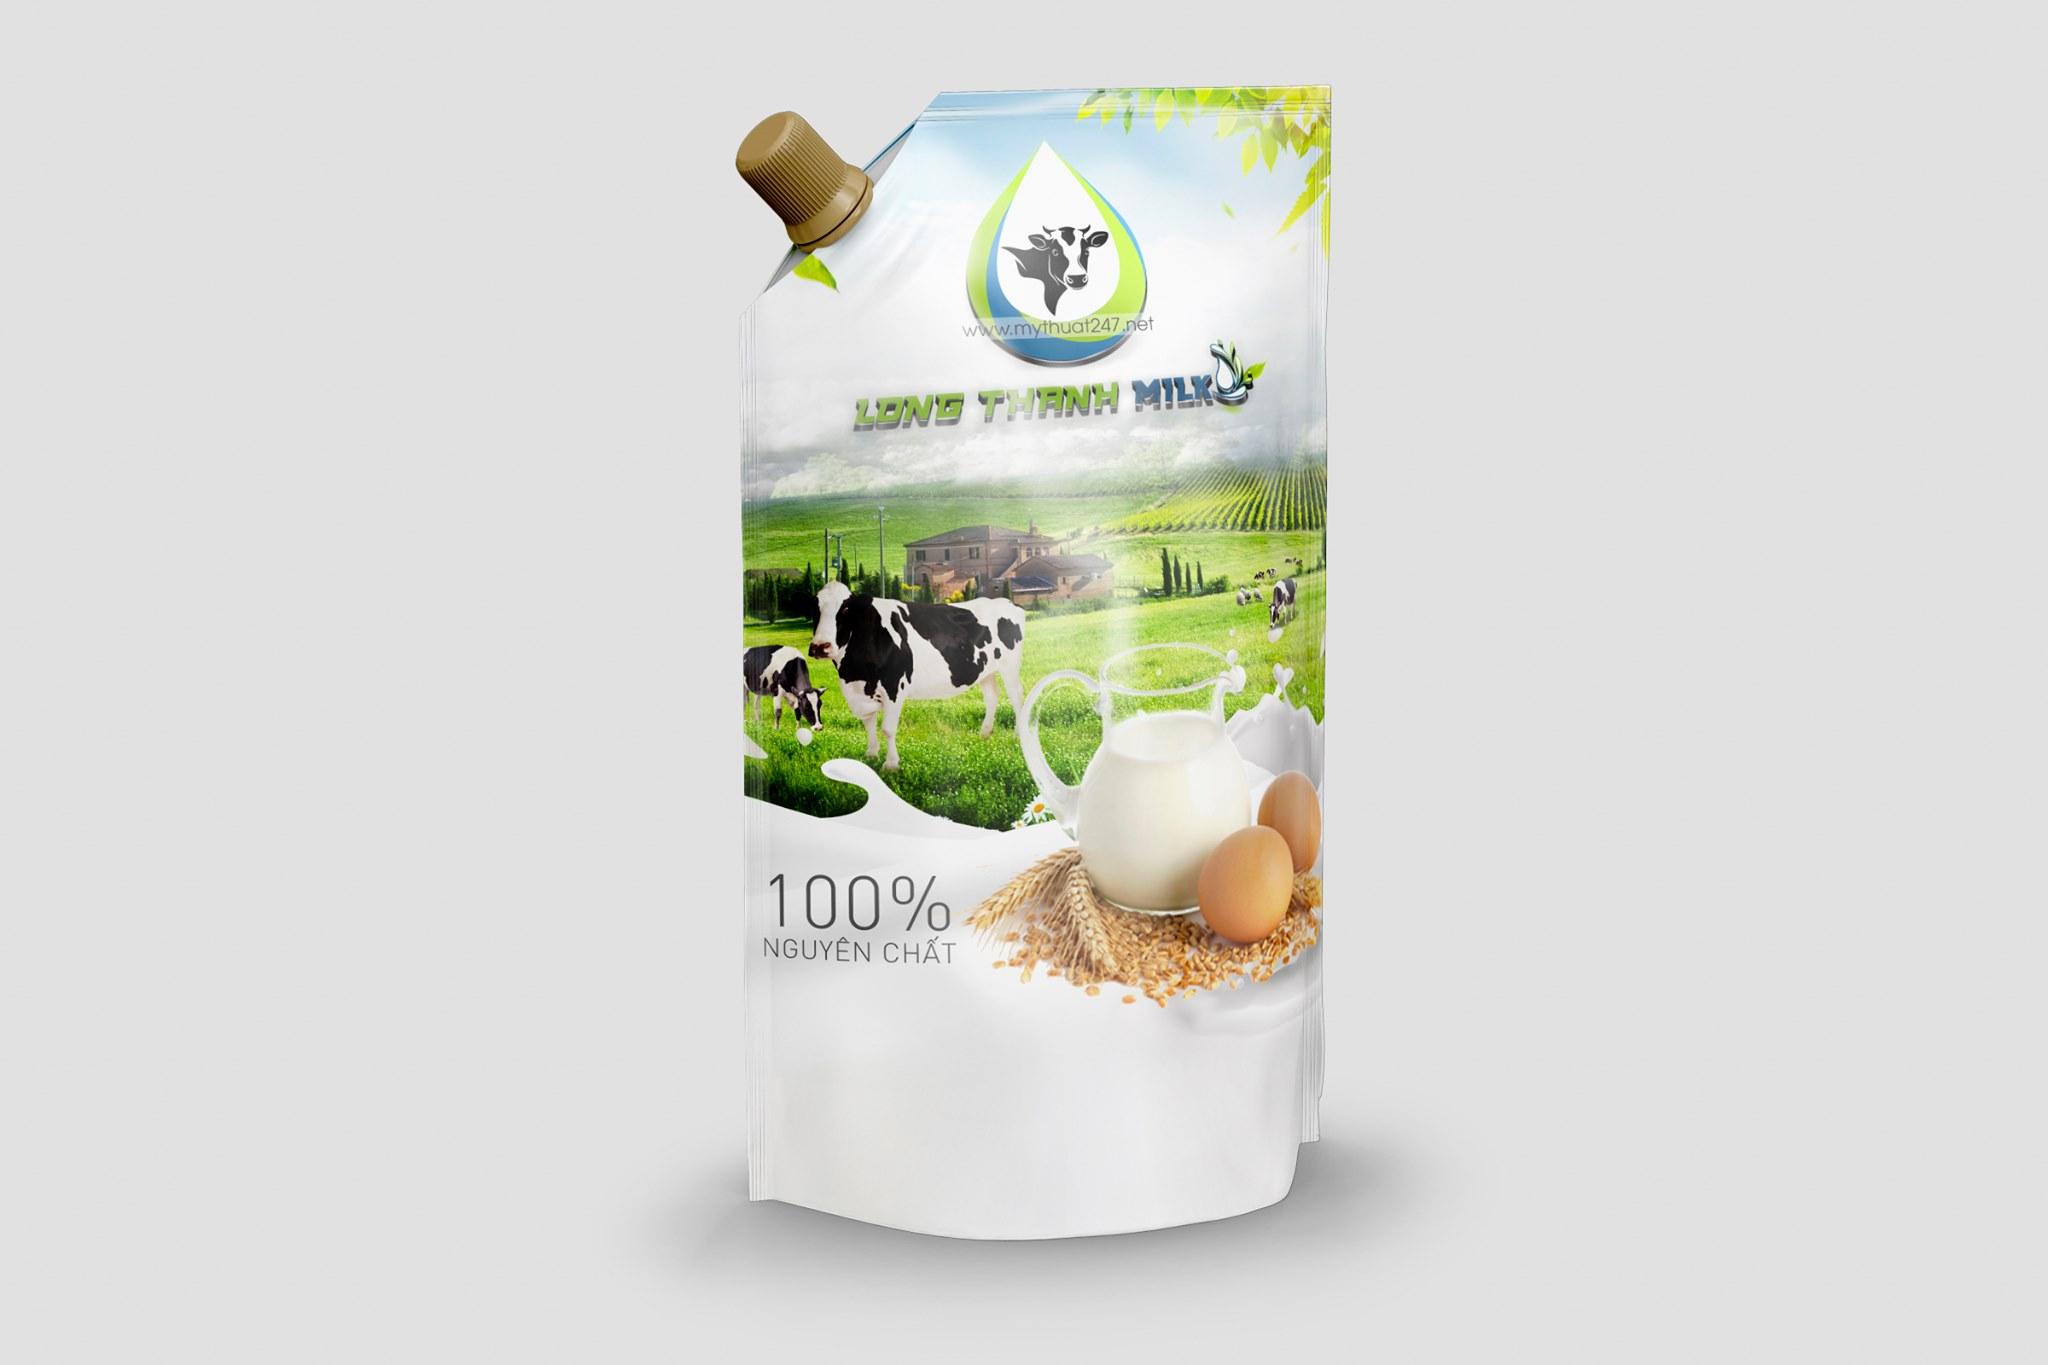 Thiết kế logo công ty long thành milk